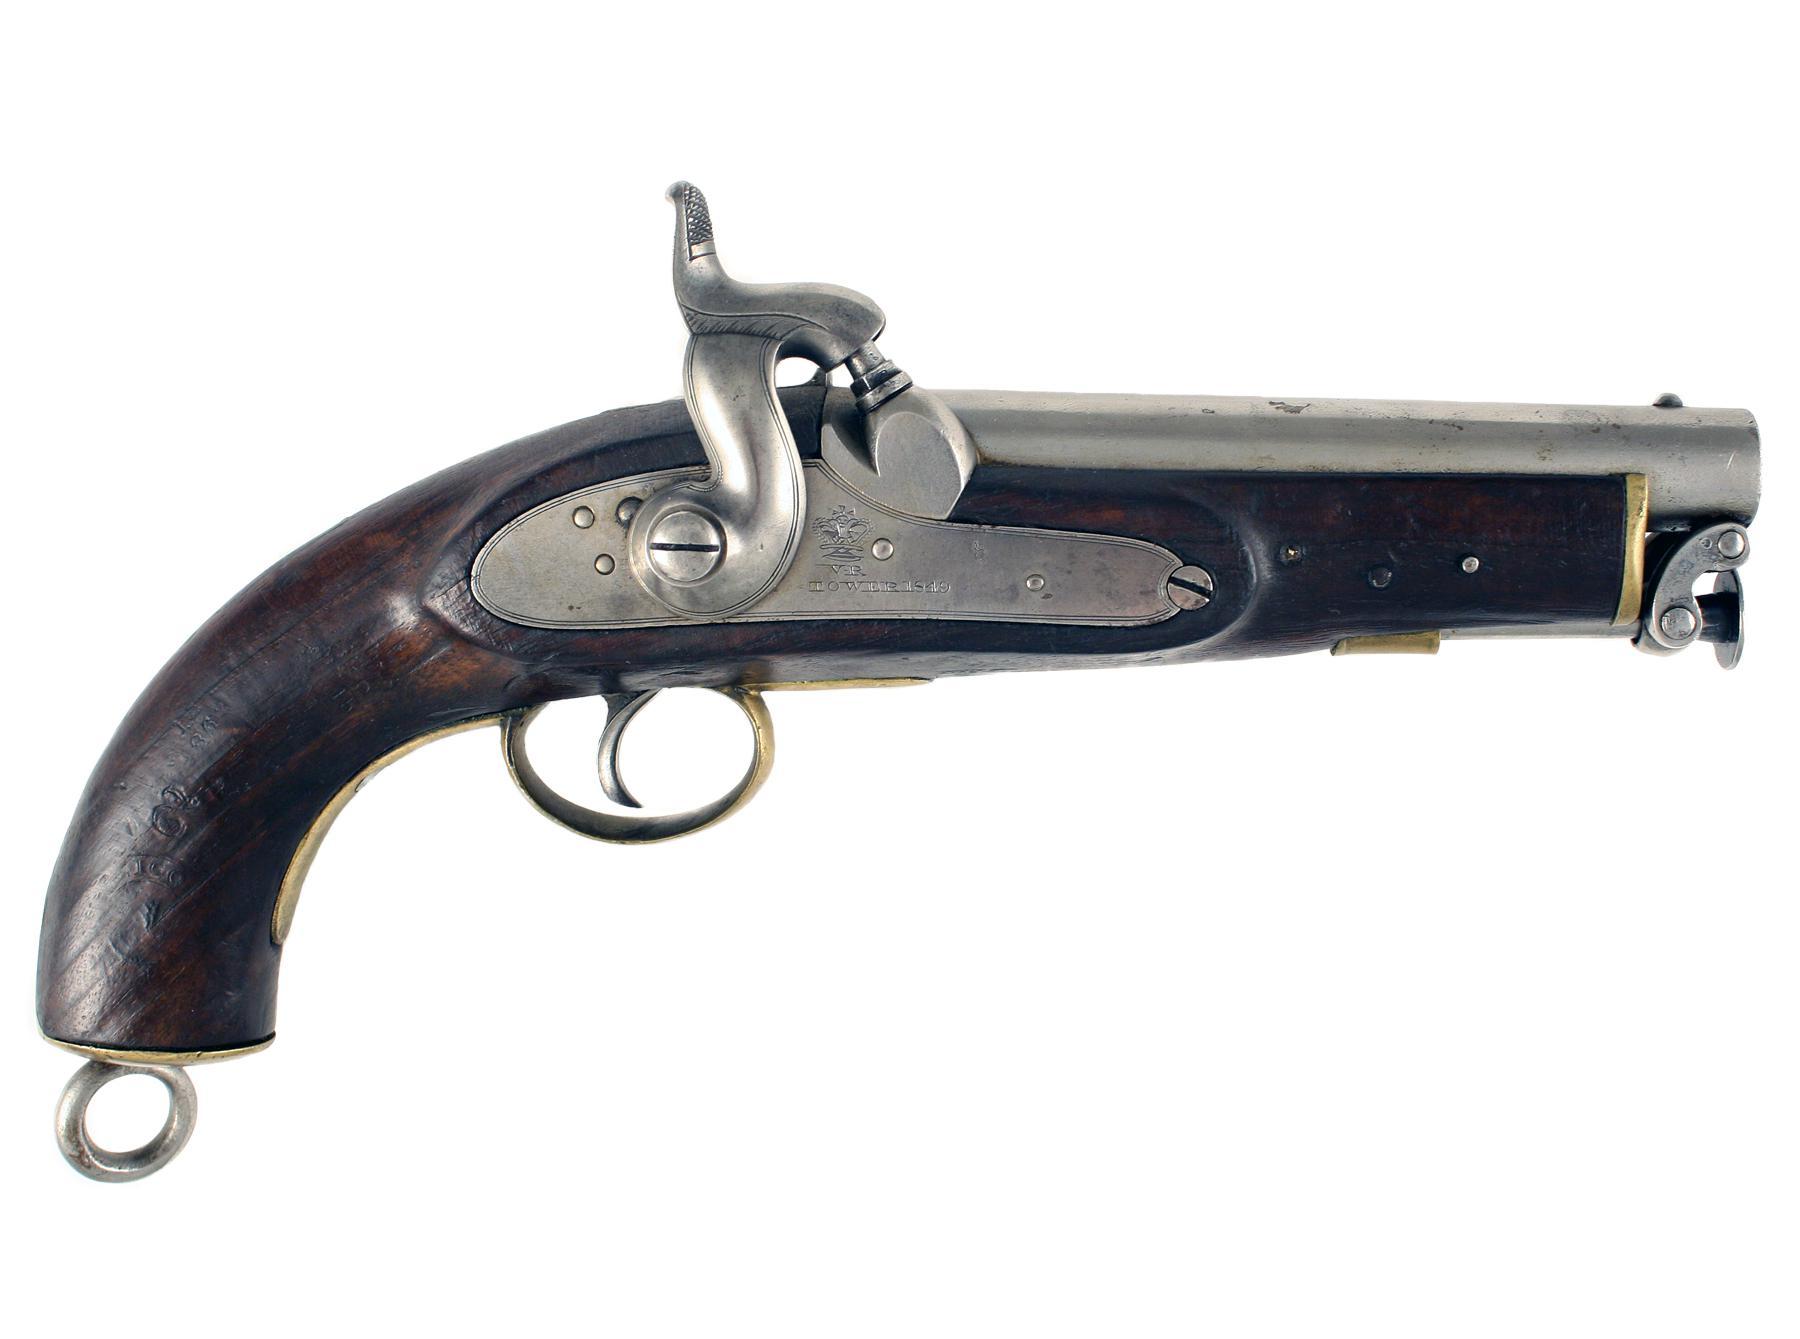 A Coast Guards Pistol